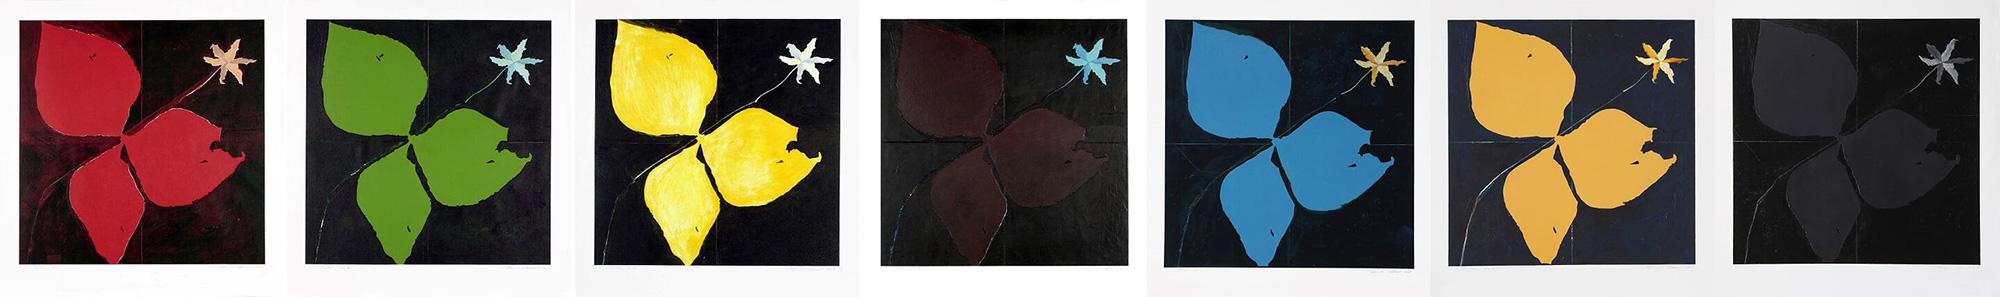 Trille, no 1 à 7, 2009. Acrylique sur papier fort, 43 x 343 cm.